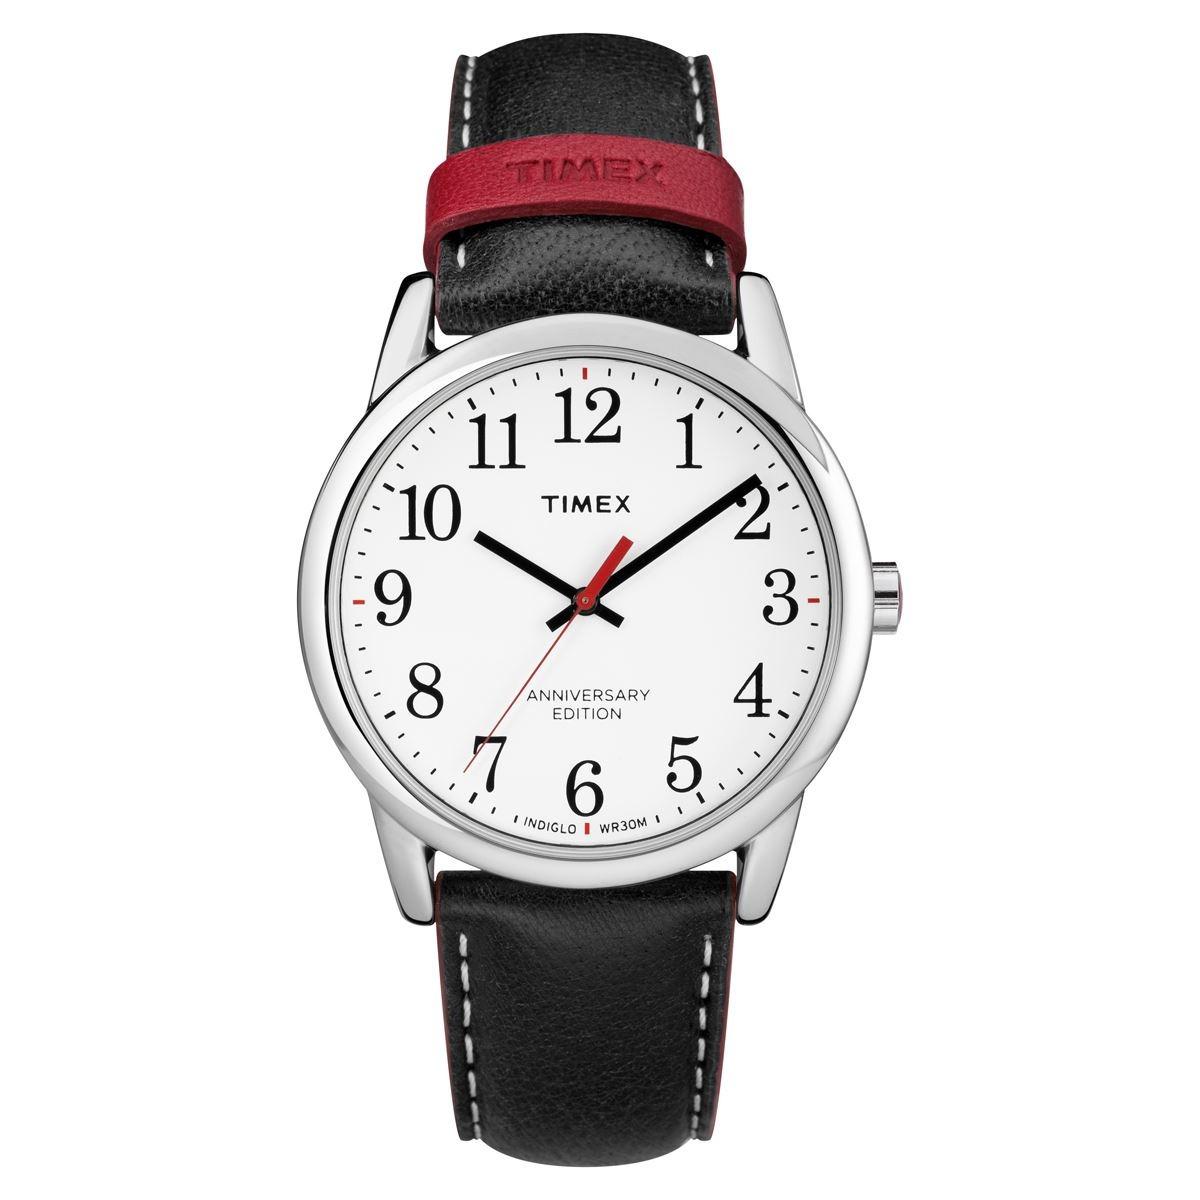 8d80104ae672 reloj timex tw2r40000 100% original para caballero. Cargando zoom.